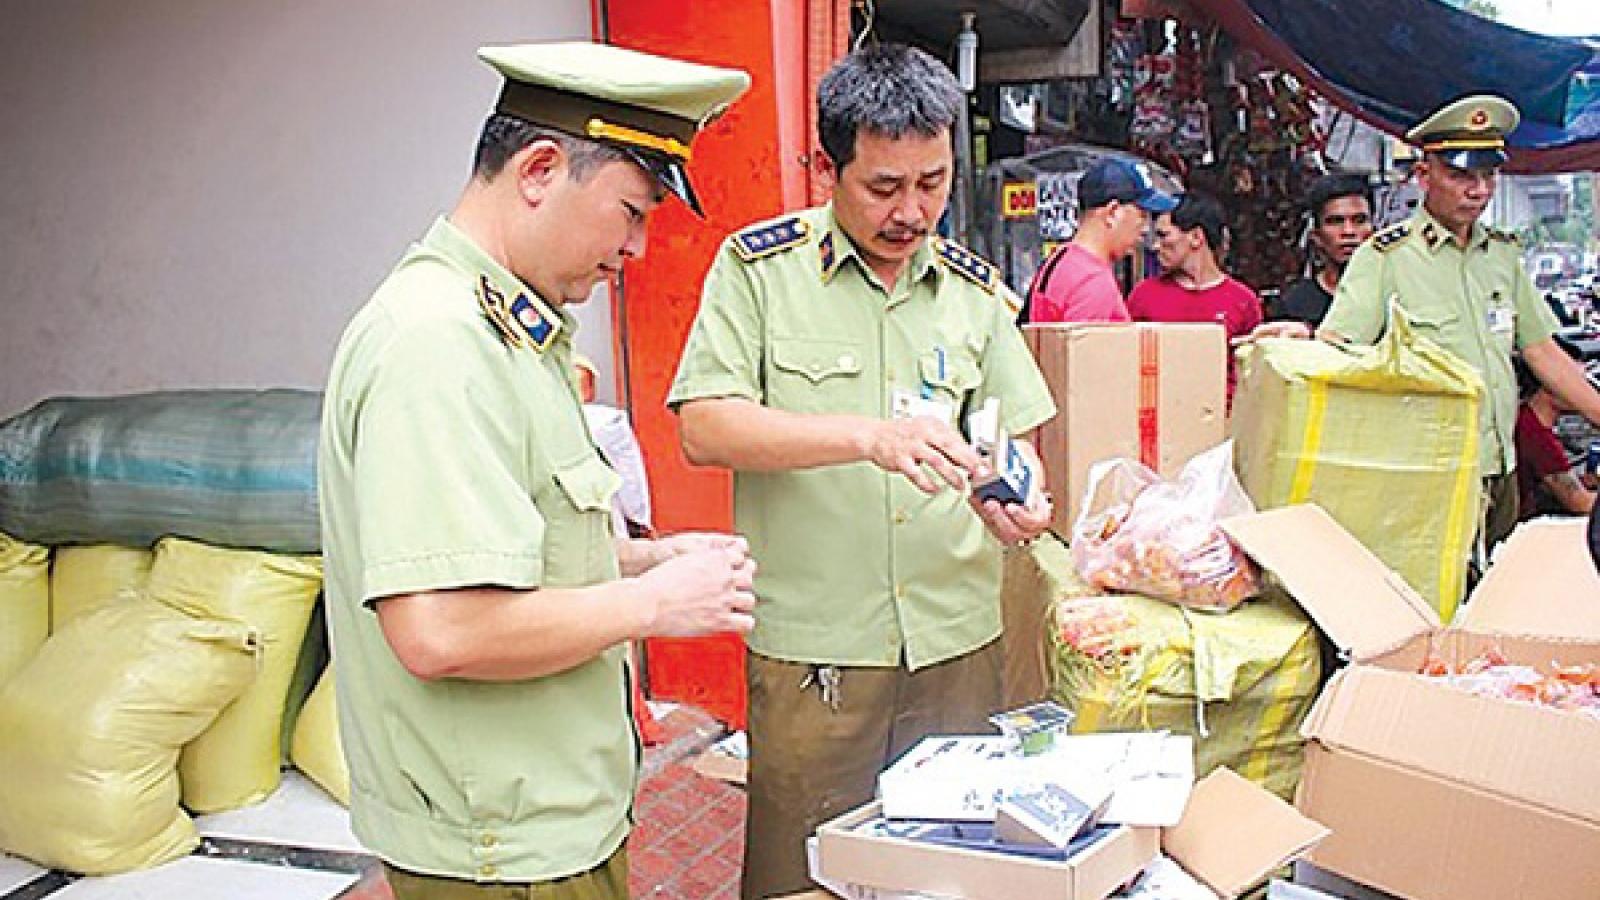 Quản lý thị trường Hà Nội tăng cường công tác quản lý trong dịp Tết